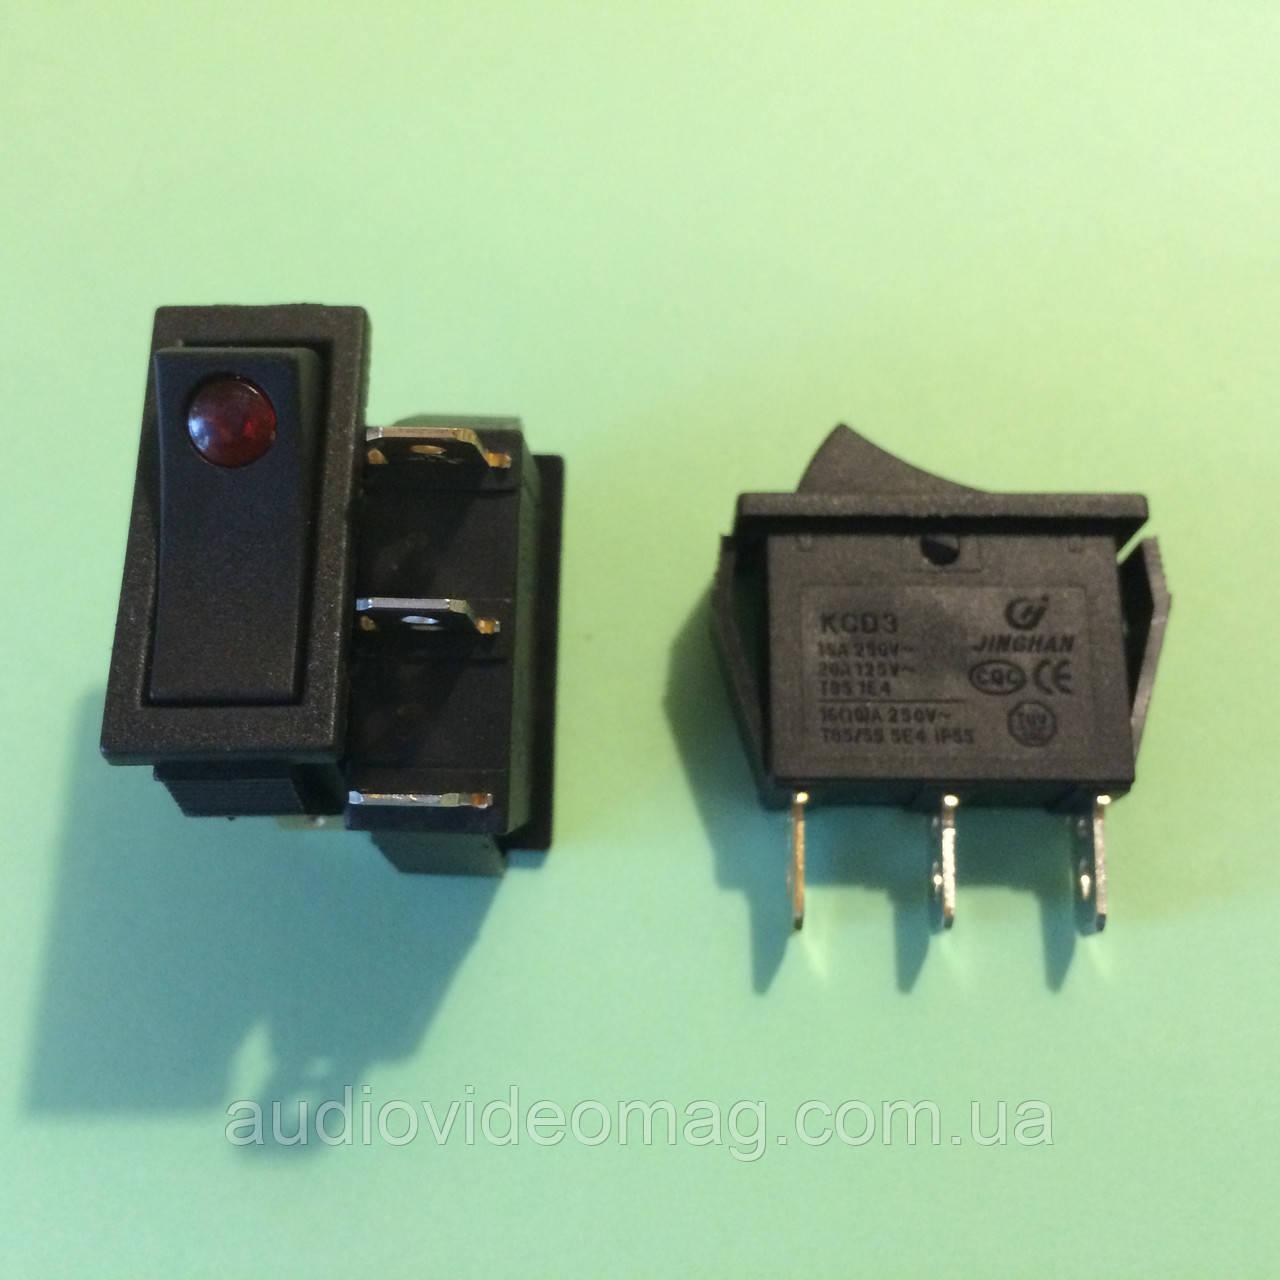 Кнопочный выключатель 250V 15A, чёрный 28.5 х 10.5мм, с подсветкой